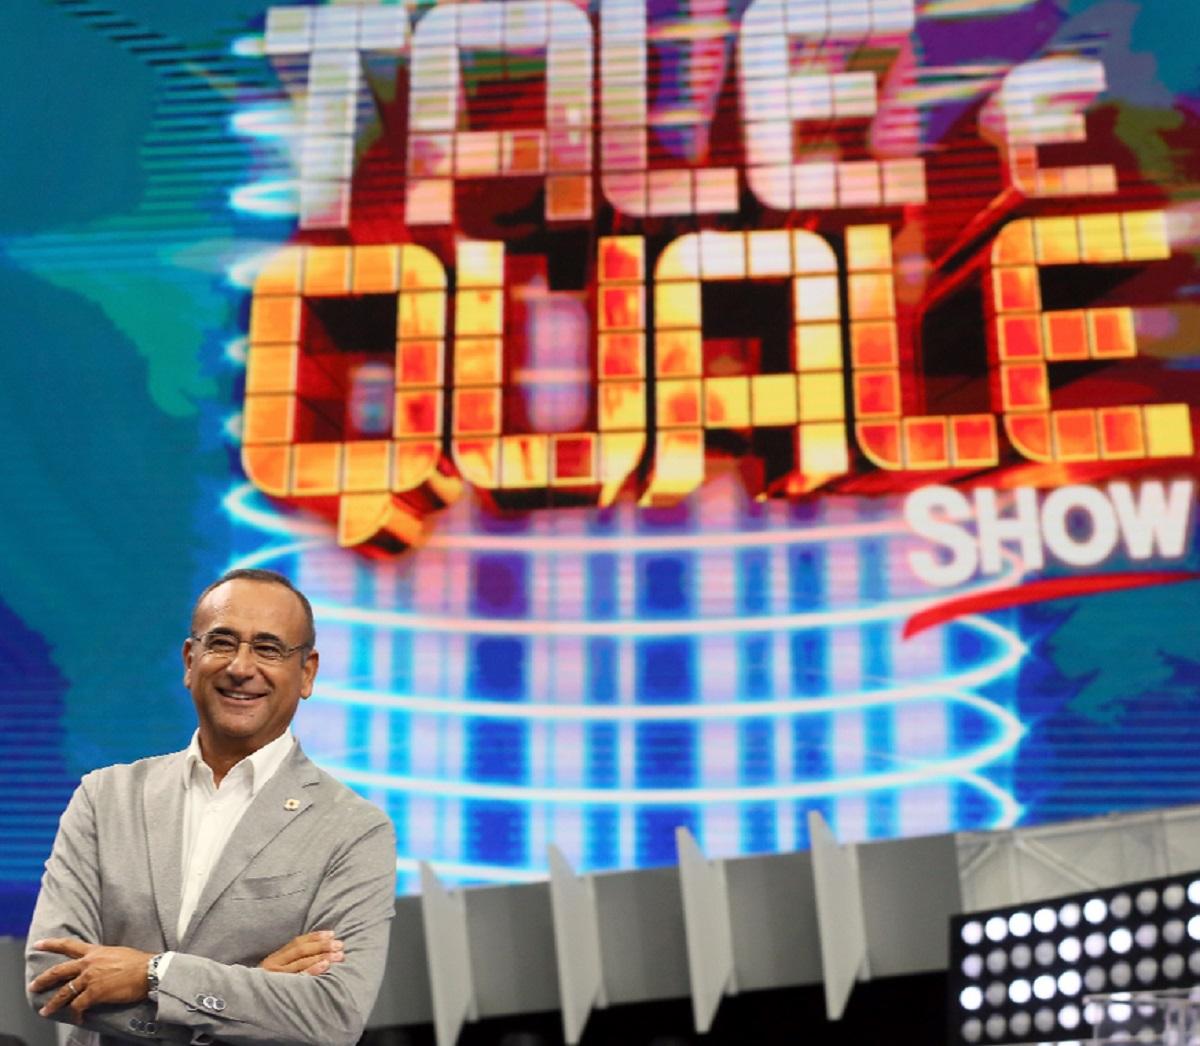 Carlo Conti Tale e Quale show 5 concorrenti conferma